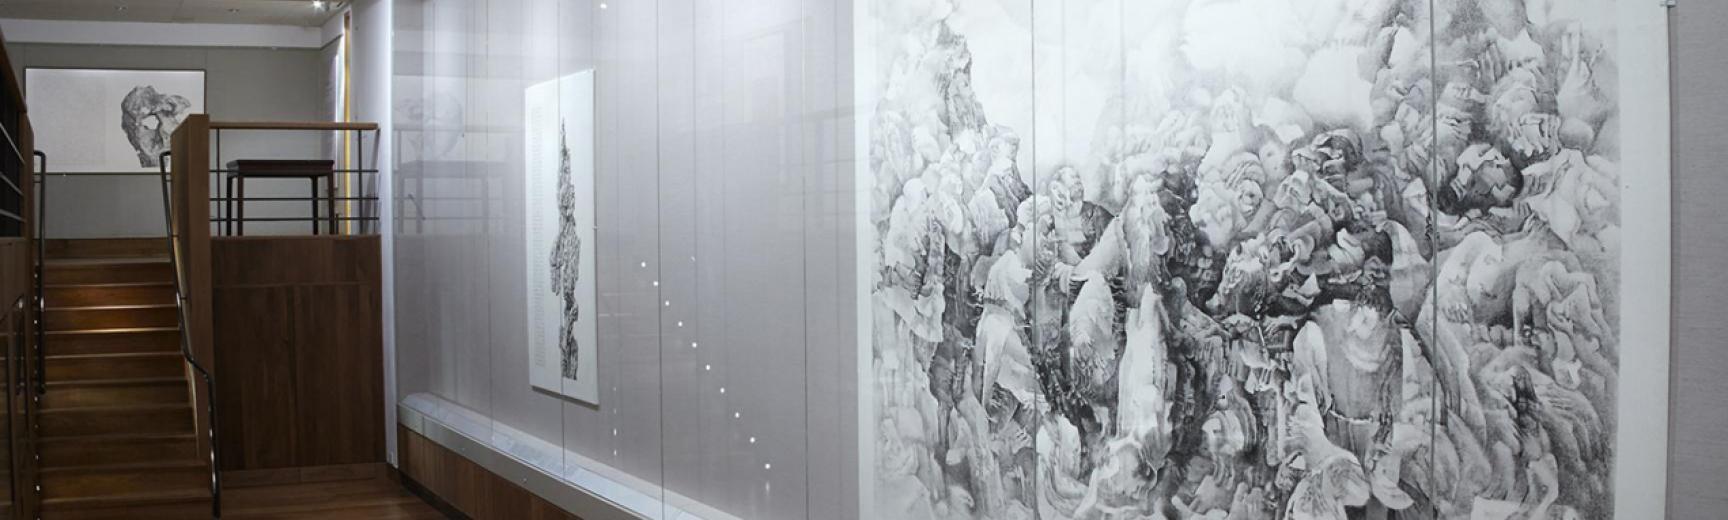 ashmolean china galleries